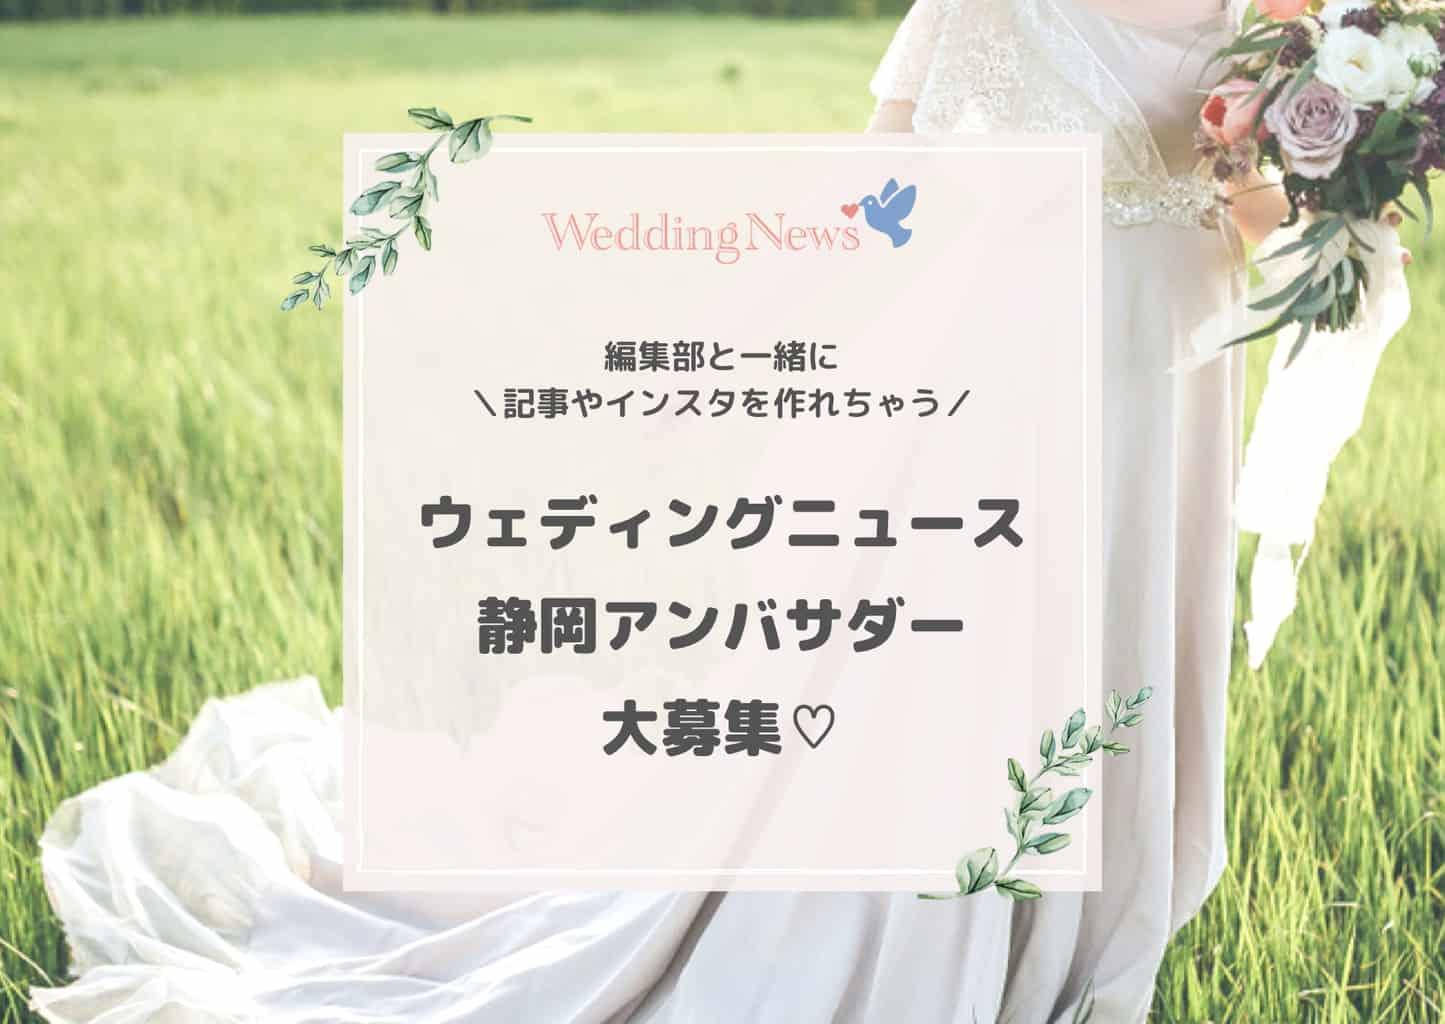 ウェディングニュース静岡アンバサダーの詳細・応募はこちら♩のカバー写真 0.7086505190311418